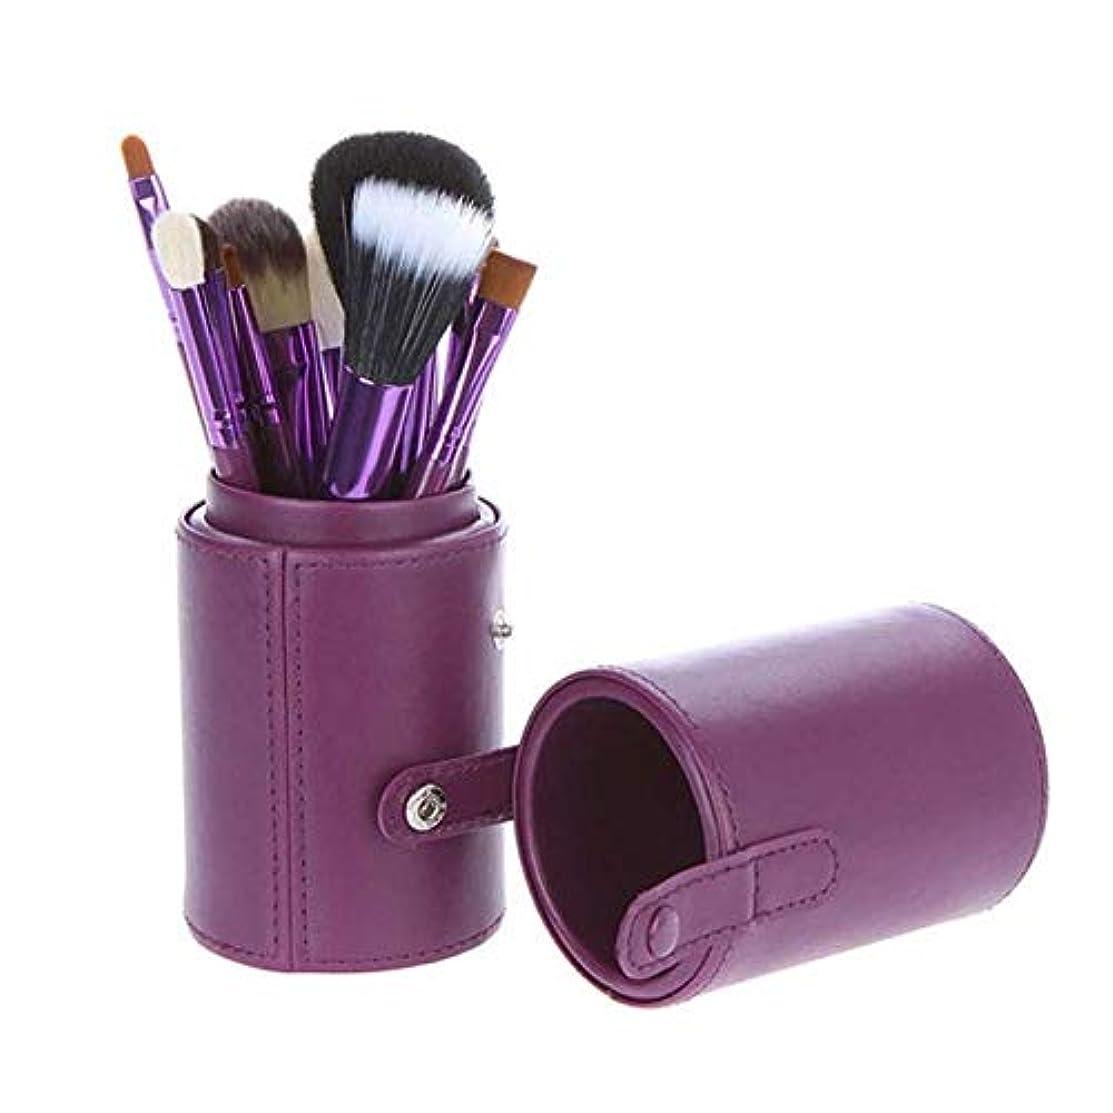 高い演じる失う化粧ブラシセット:美しい女性ギフトボックスに表示されるスタイリッシュなブラシケースで、プロのプロ、美容ブレンダーとクリーナーをメイクアップ (Color : Purple)